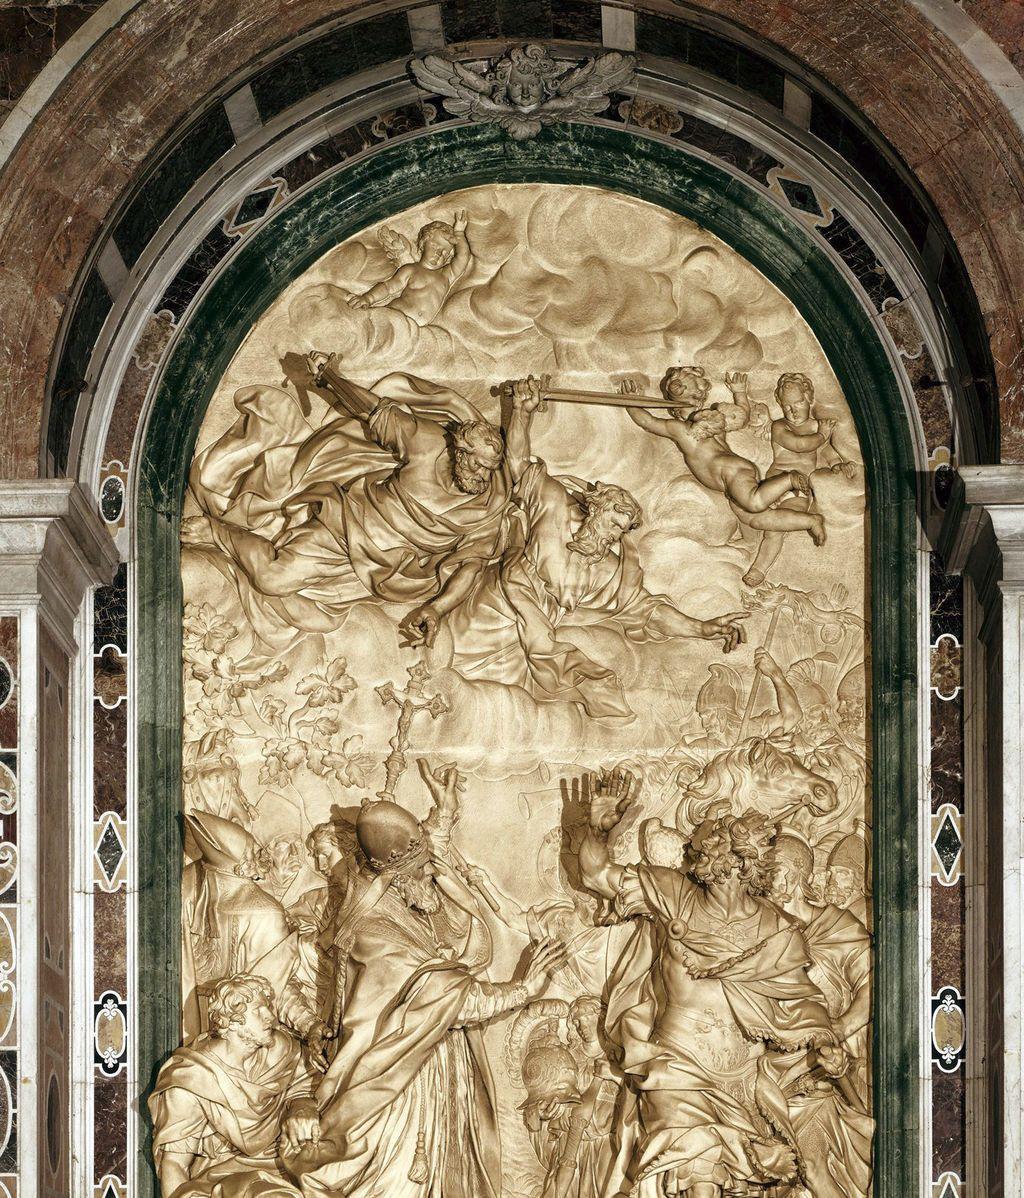 Relieve de Alessandro Algardi, en la basílica de San Pedro, que muestra el momento en que el papa León I convence a Atila para que no saquee Roma